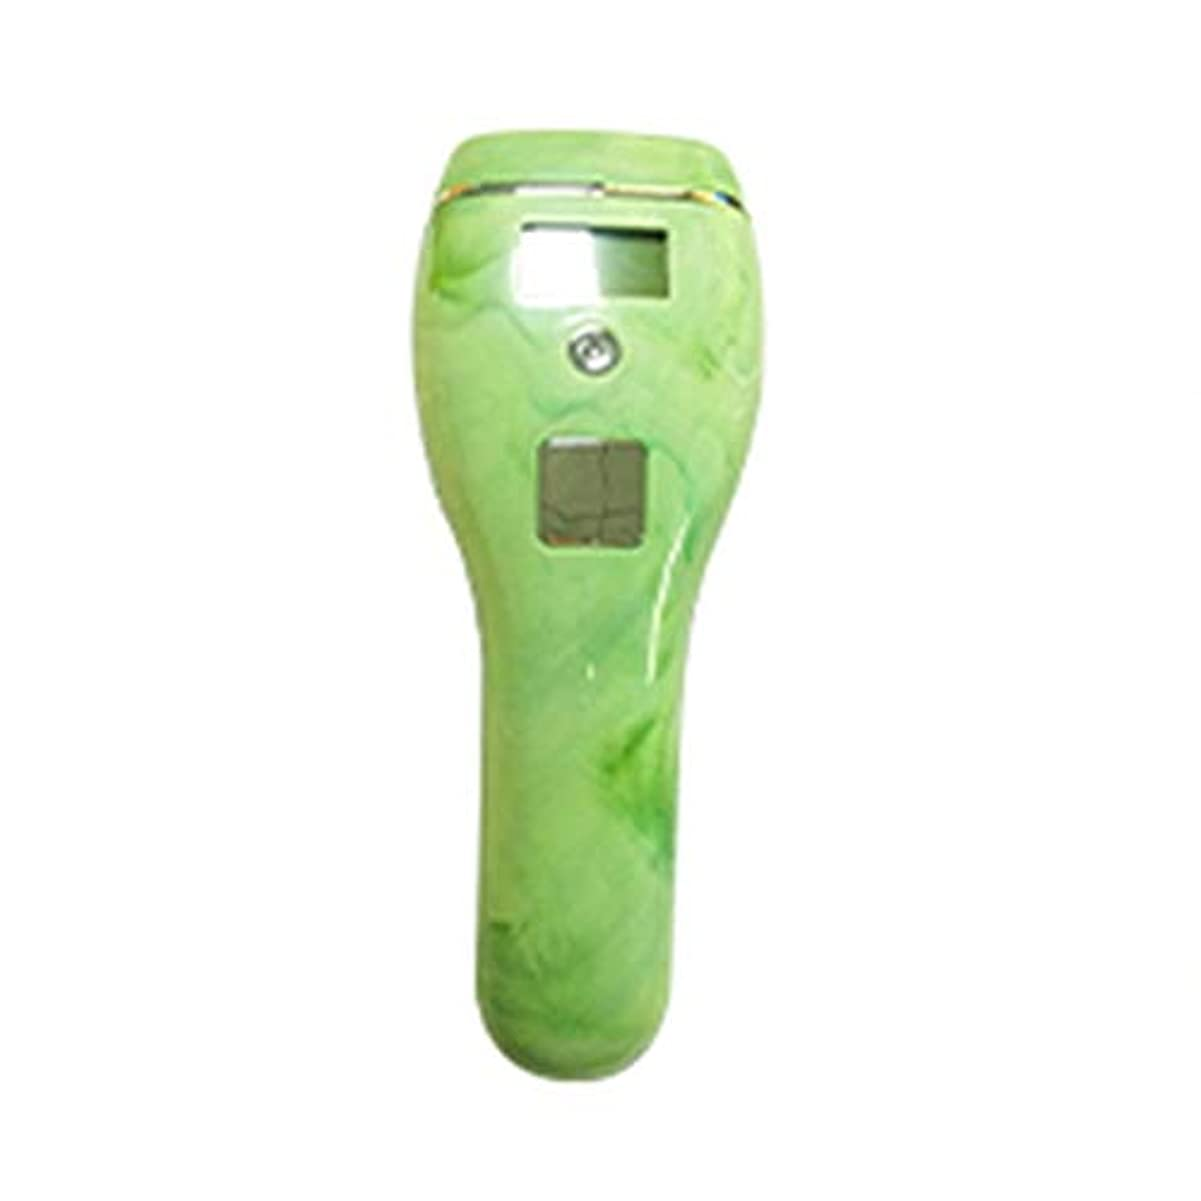 りミット昆虫自動肌のカラーセンシング、グリーン、5速調整、クォーツチューブ、携帯用痛みのない全身凍結乾燥用除湿器、サイズ19x7x5cm 安全性 (Color : Green)